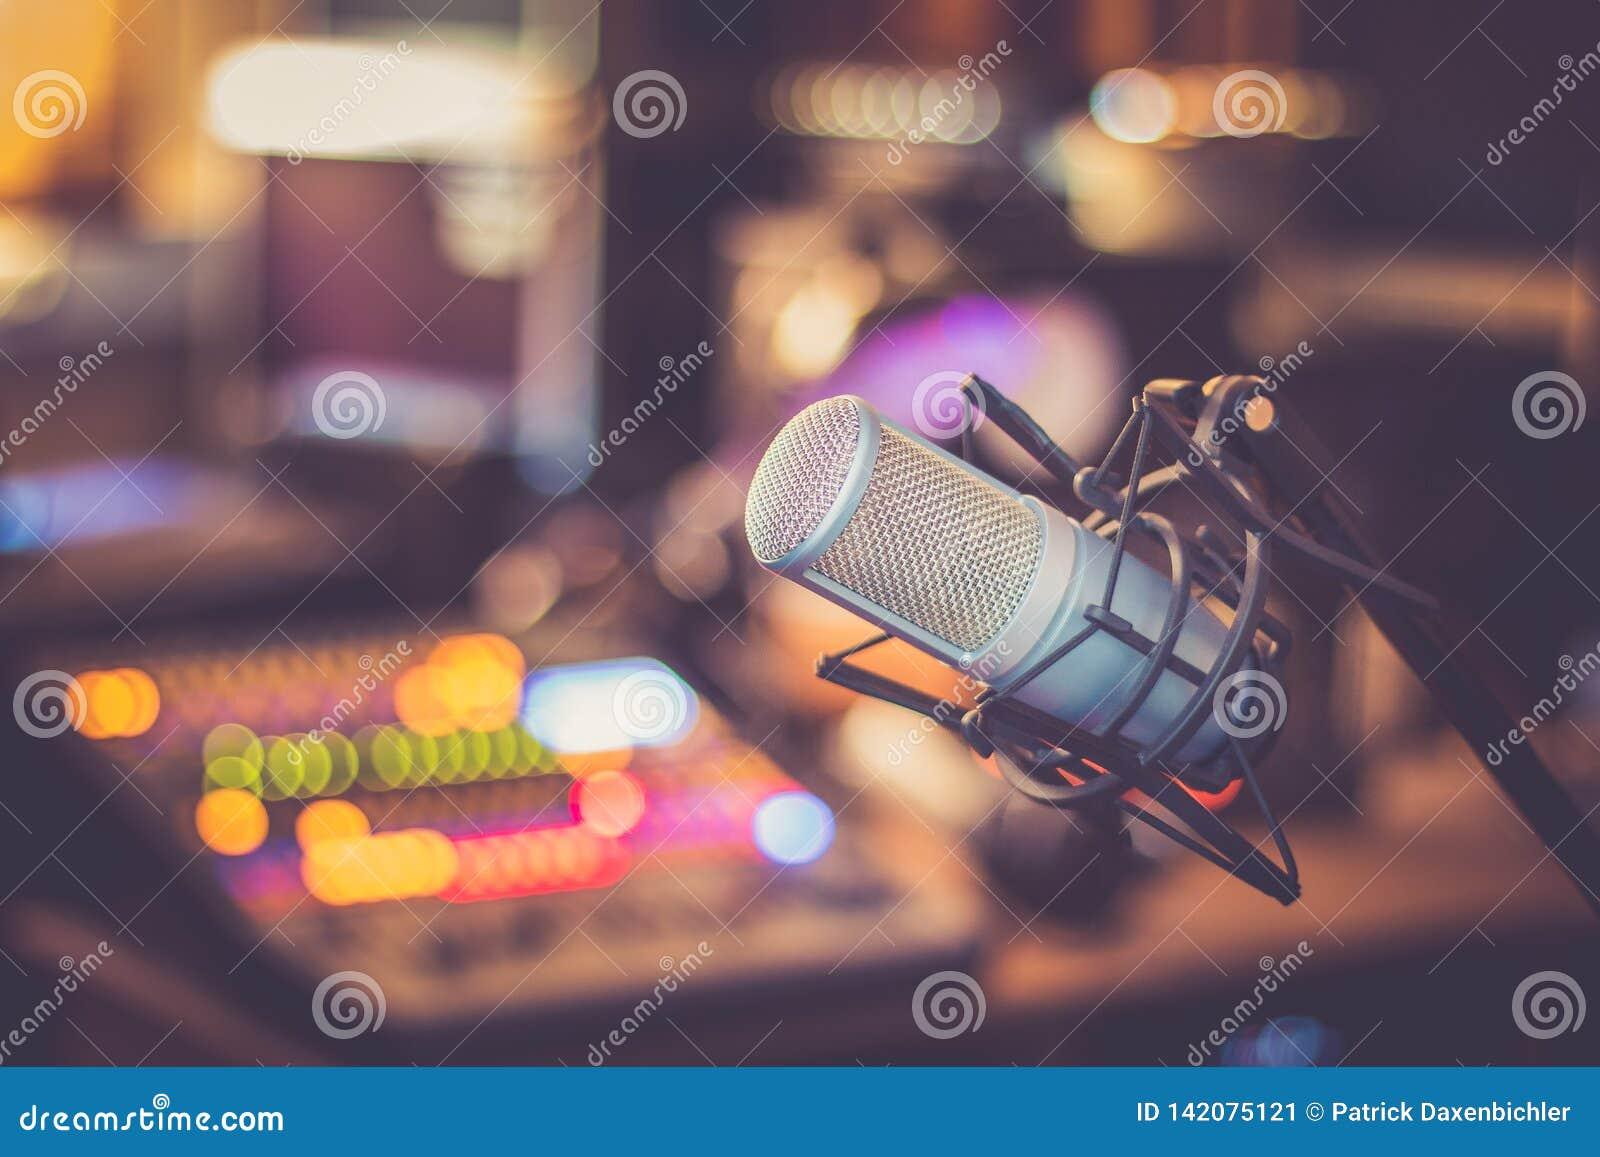 Mikrofon i en yrkesmässig inspelning- eller radiostudio, utrustning i den oskarpa bakgrunden